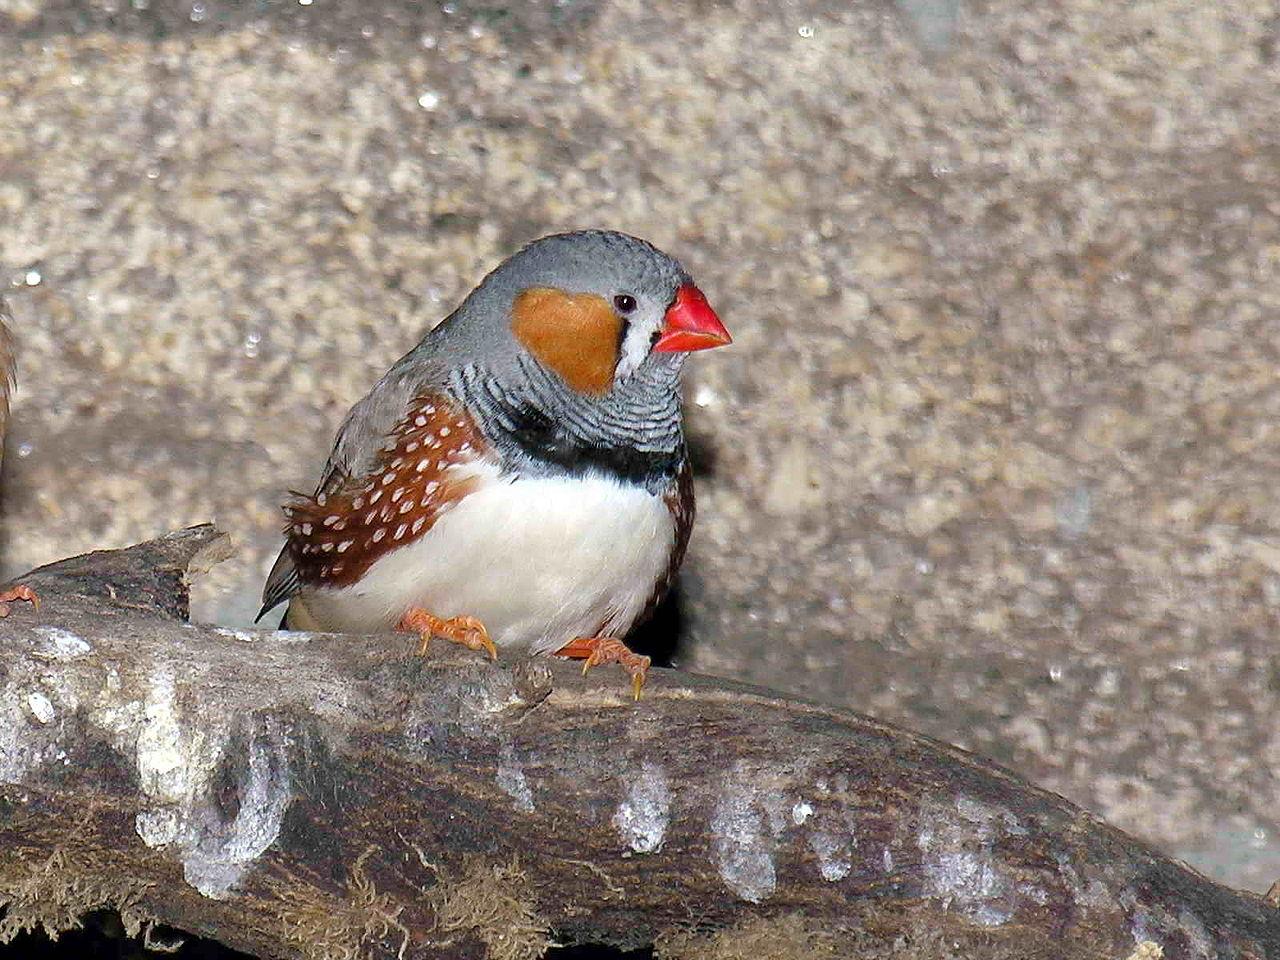 Pinzón cebra. Imagen: Luis Miguel Bugallo Sánchez. Fuente: Wikipedia.